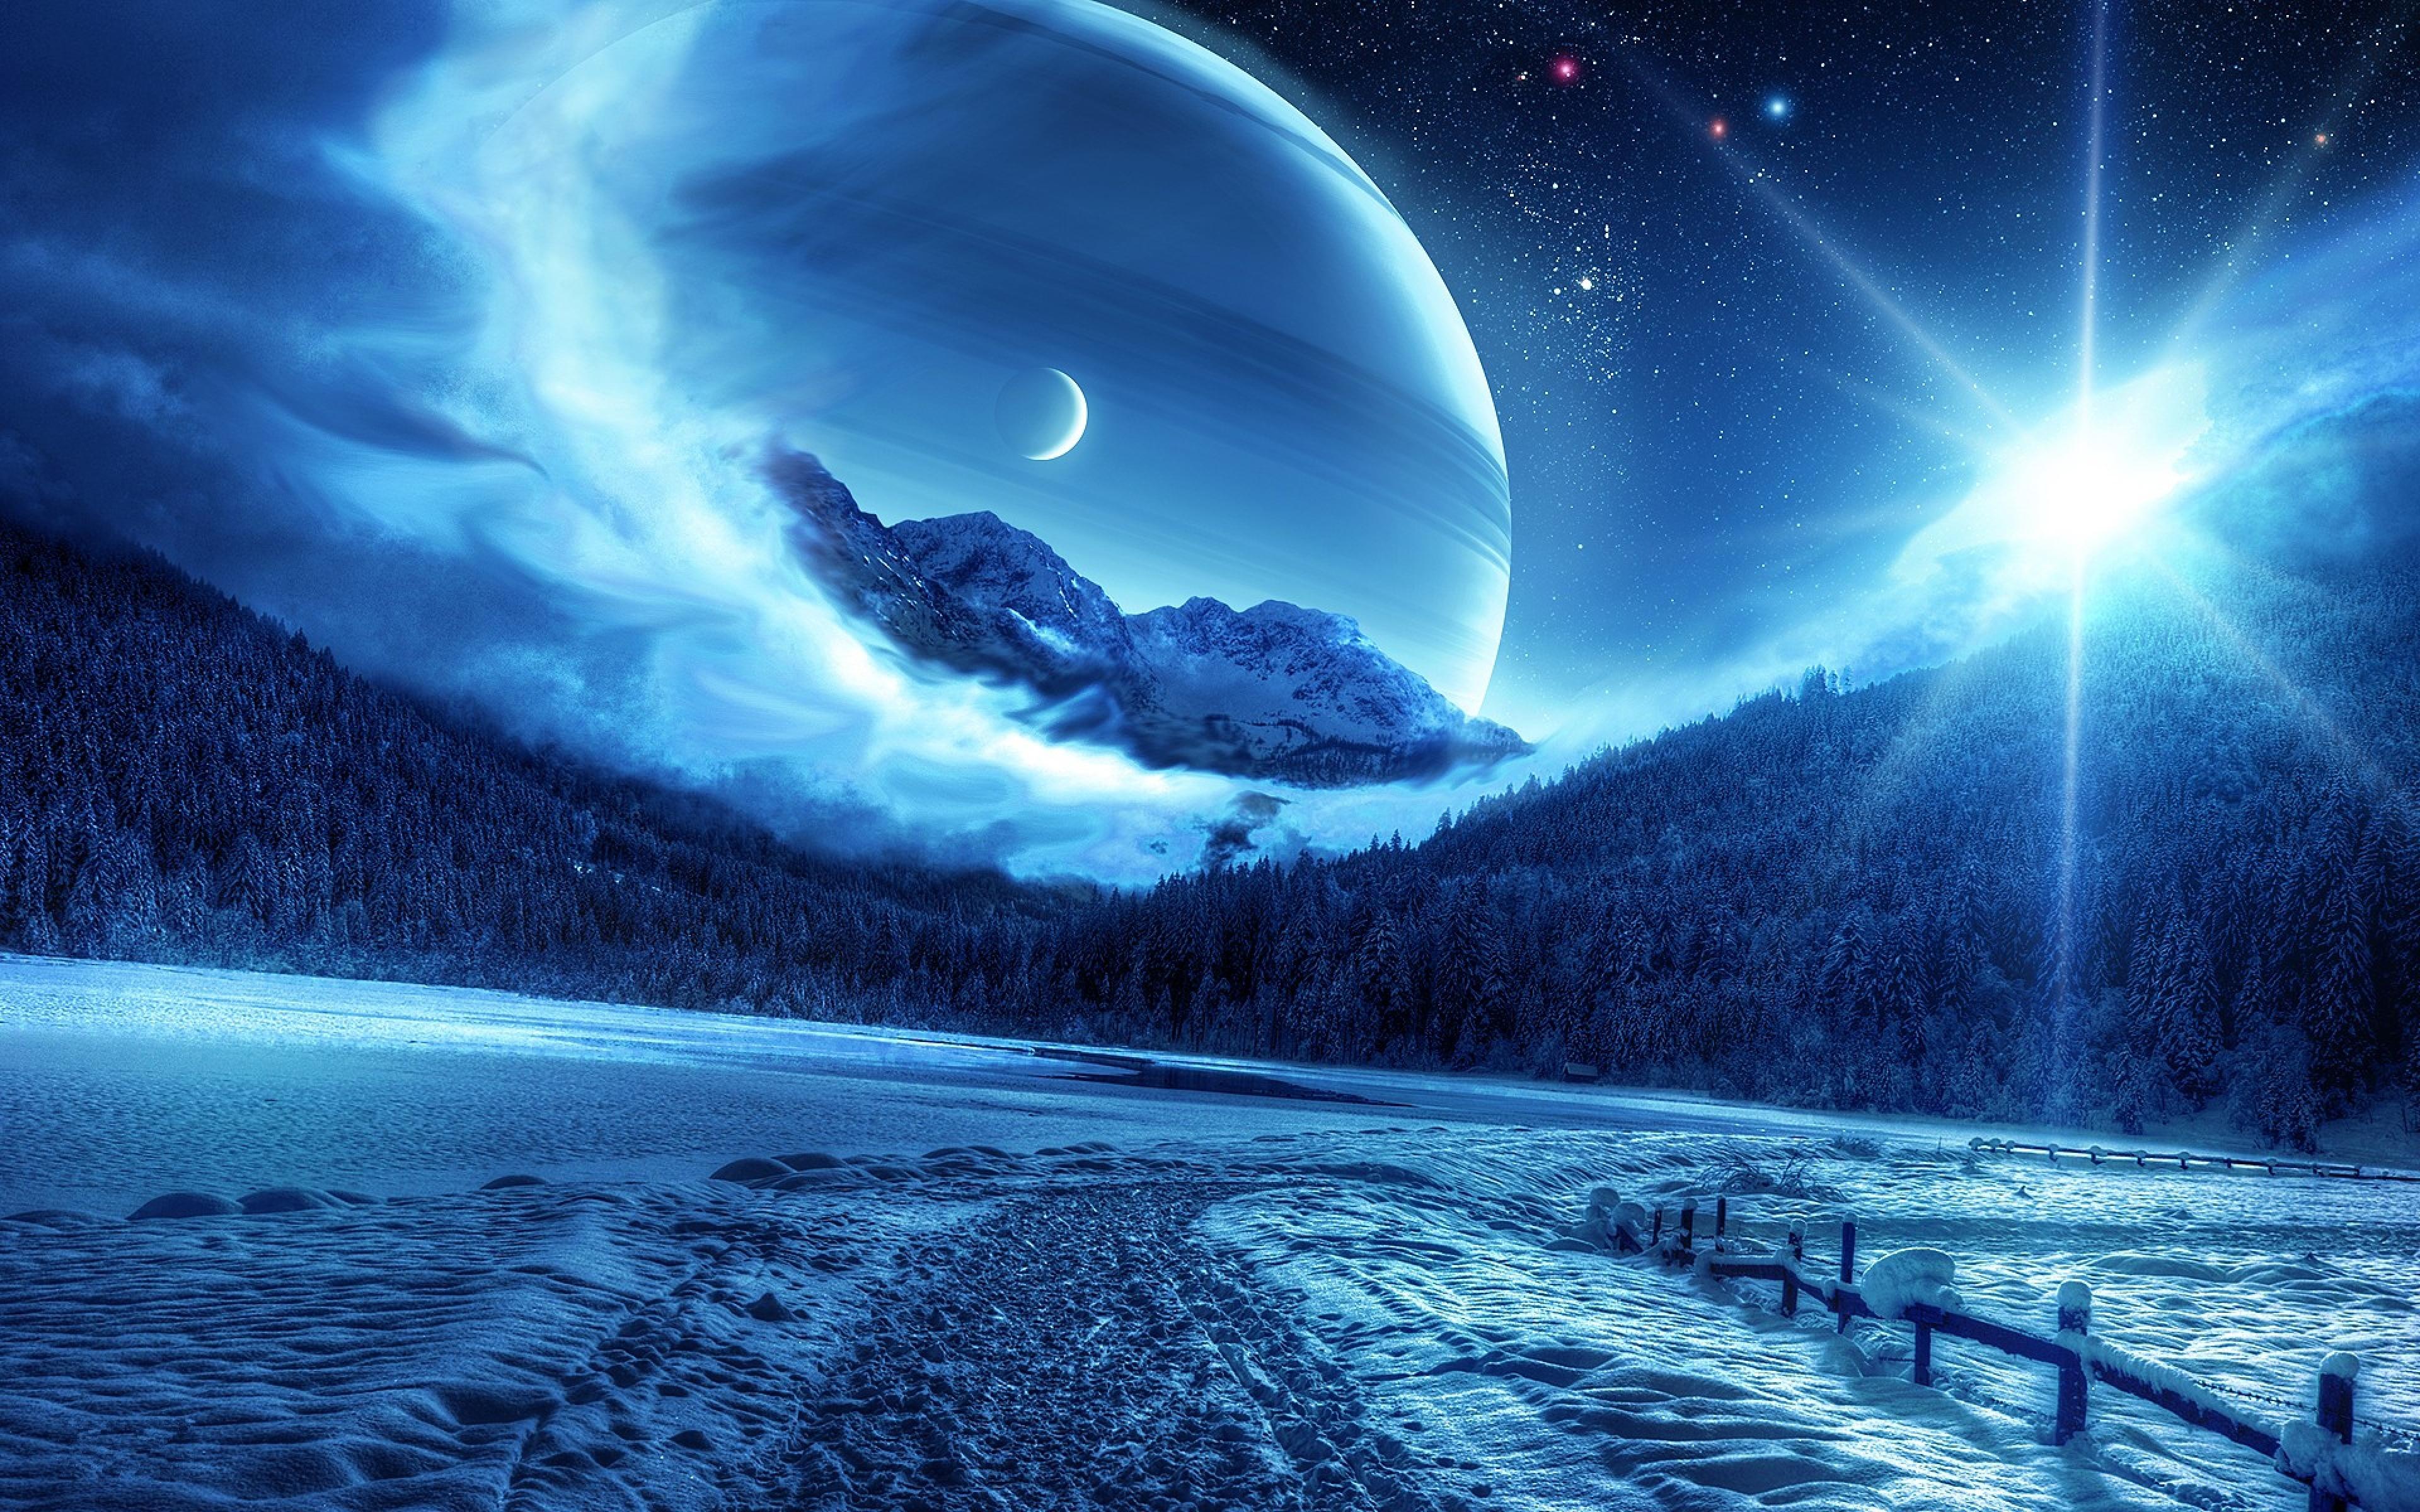 Обои Скалы планеты вода звезда картинки на рабочий стол на тему Космос - скачать  № 3553895 загрузить